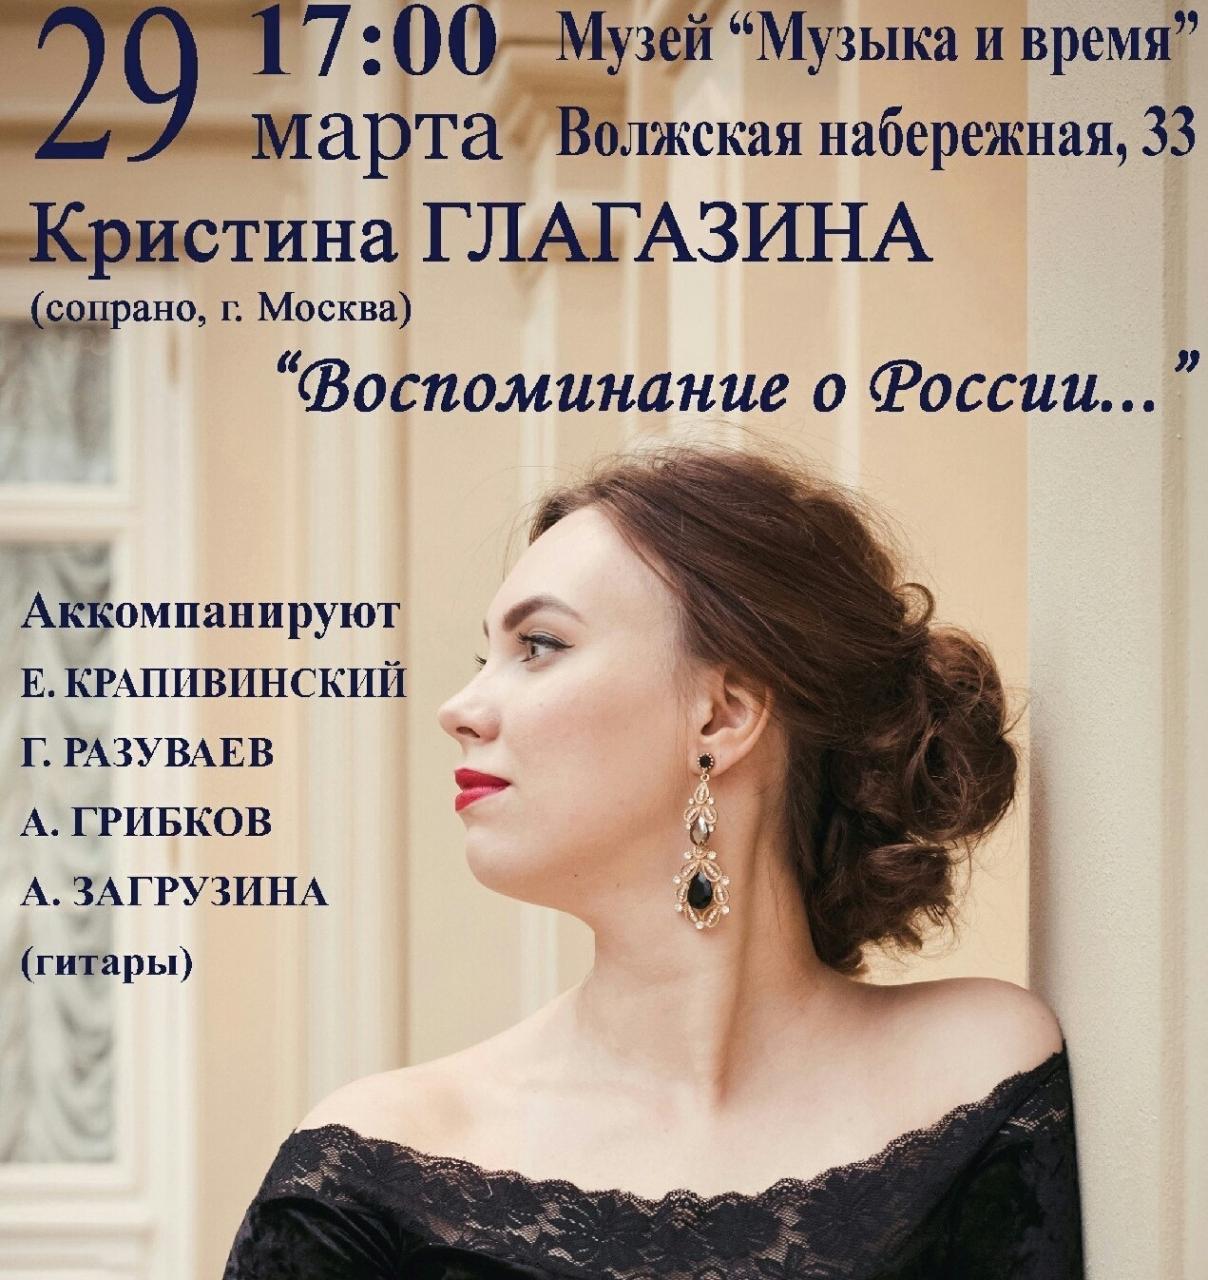 Концерт гитарной музыки 'Воспоминание о России'